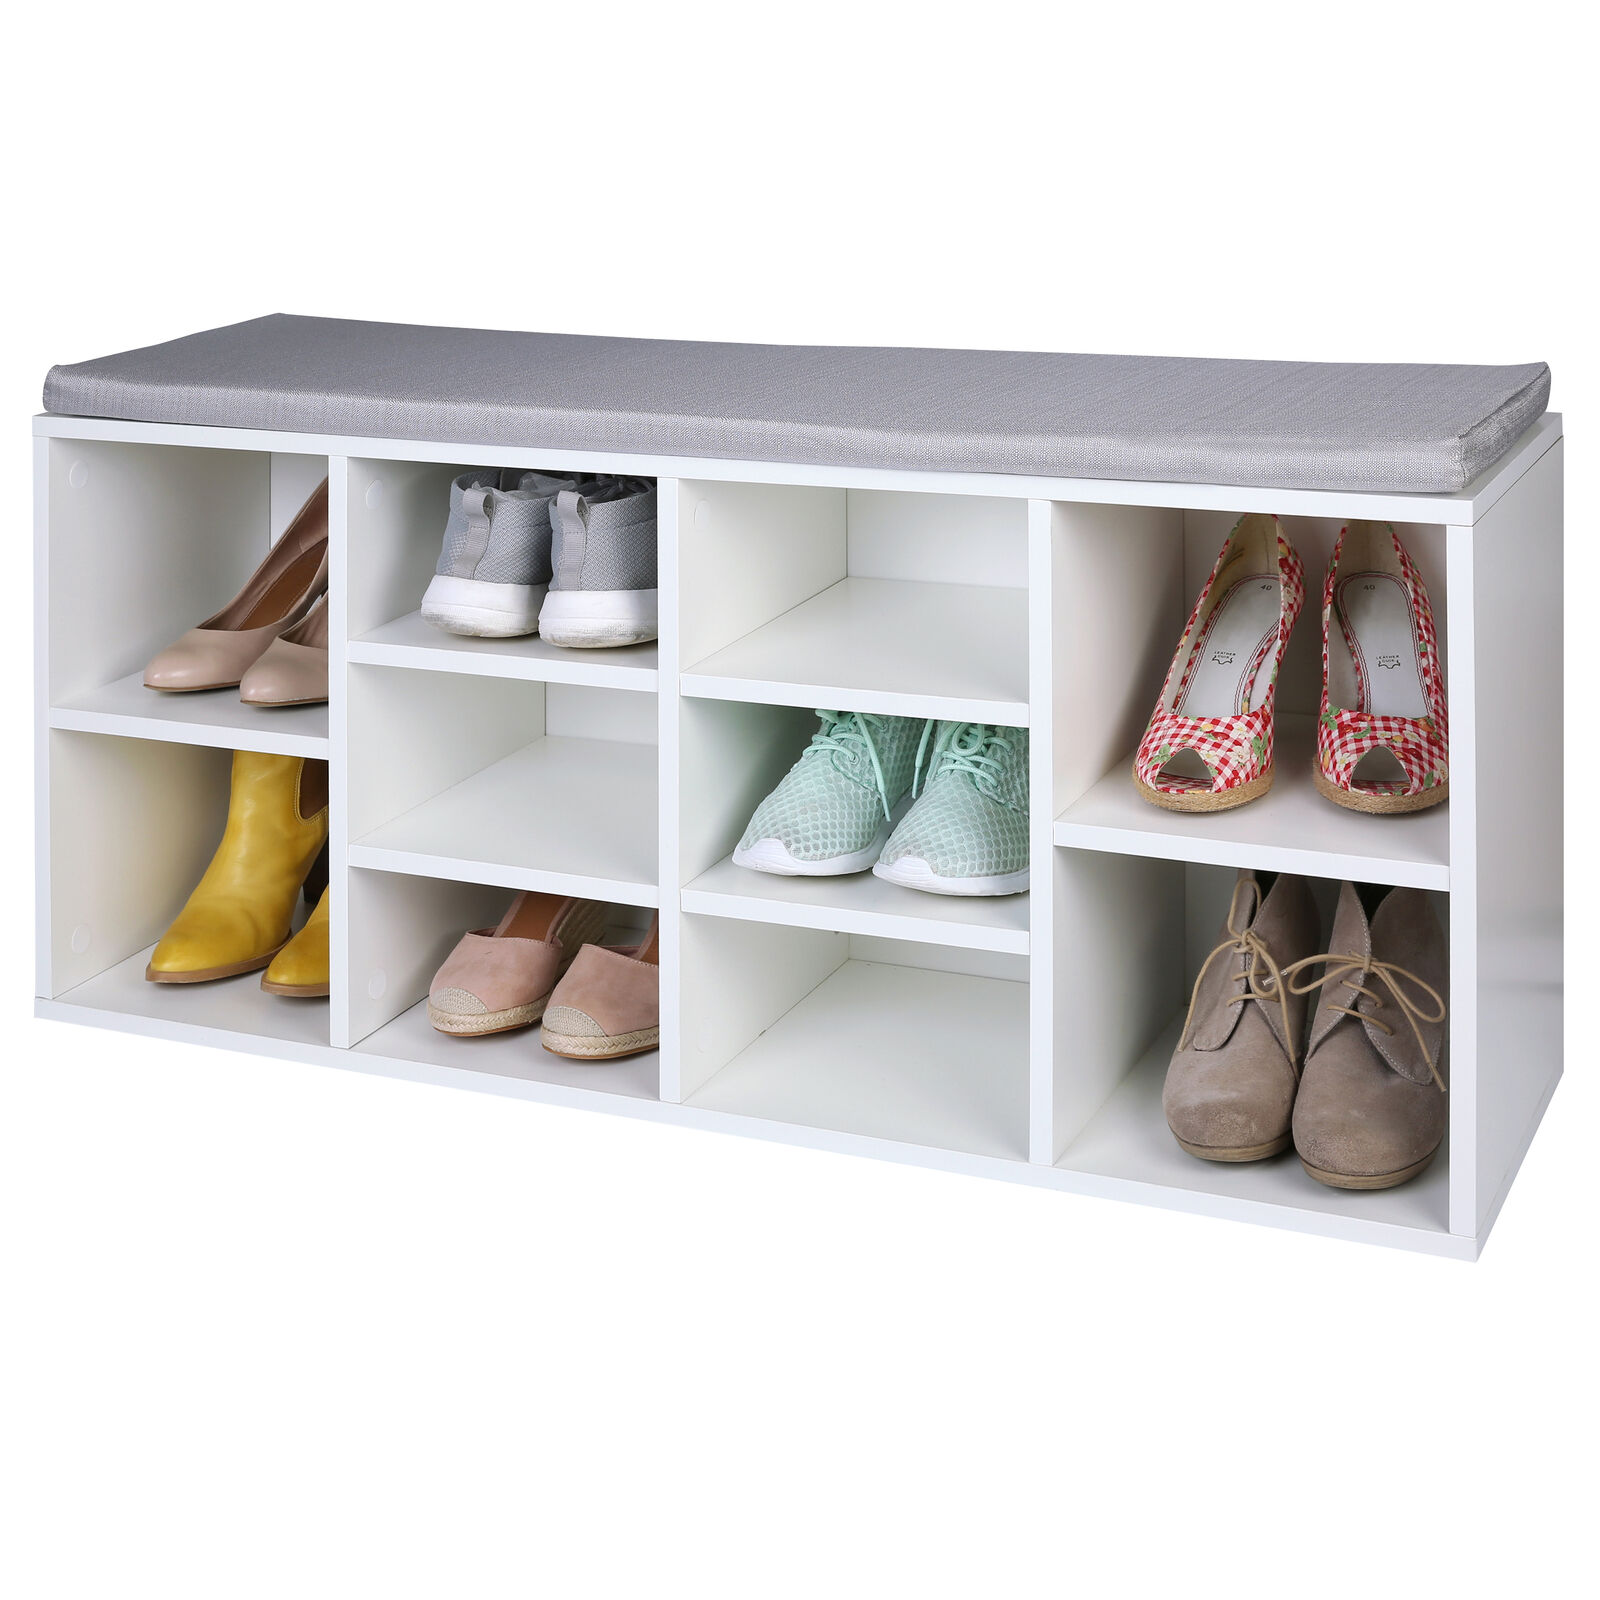 Schuhschrank mit Sitzkissen Sitzbank Schuhablage Schuhregal Aufbewahrung Holz